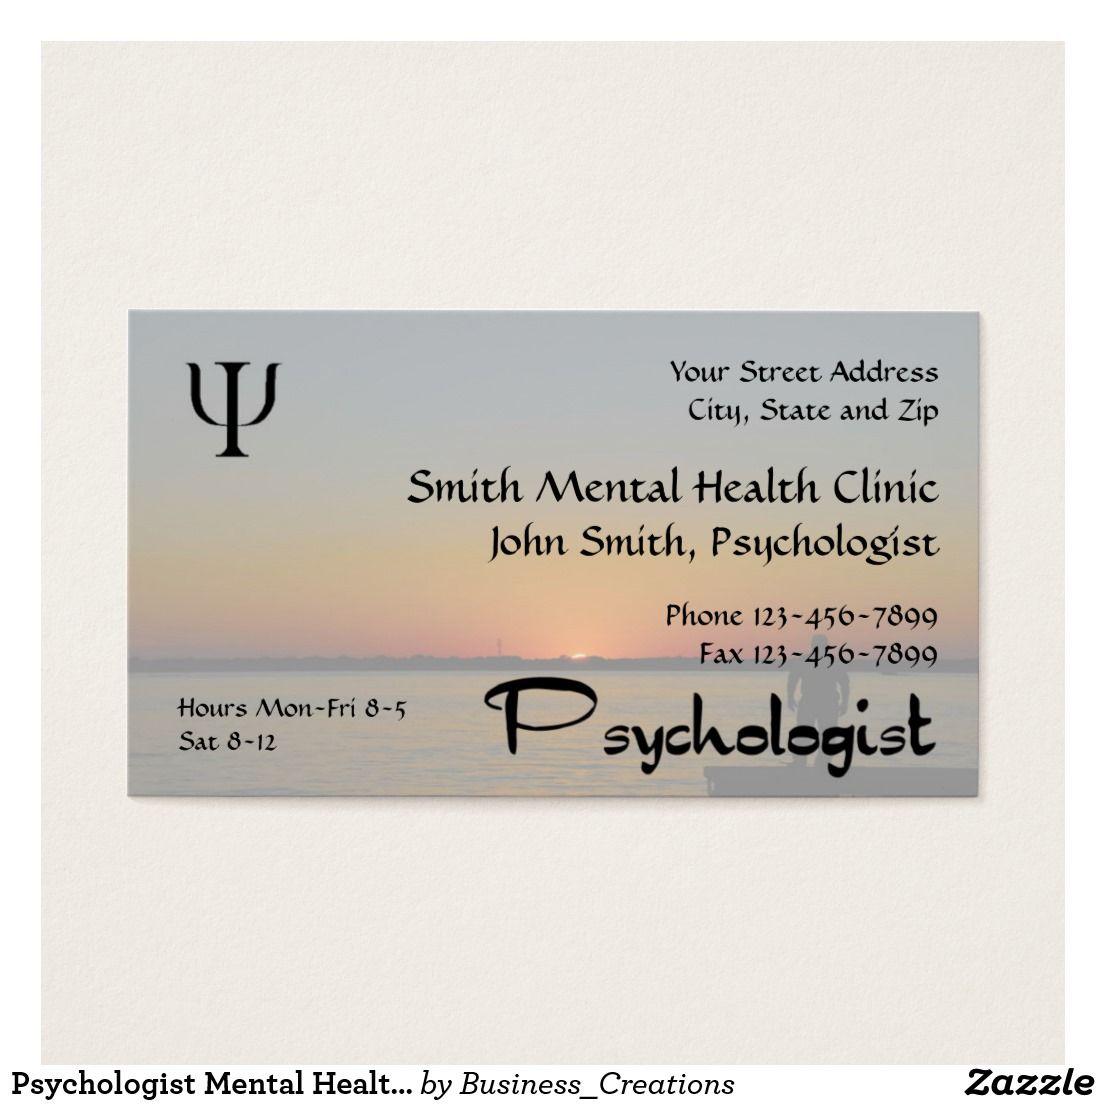 Psychologist Mental Health Business Card Psychologist